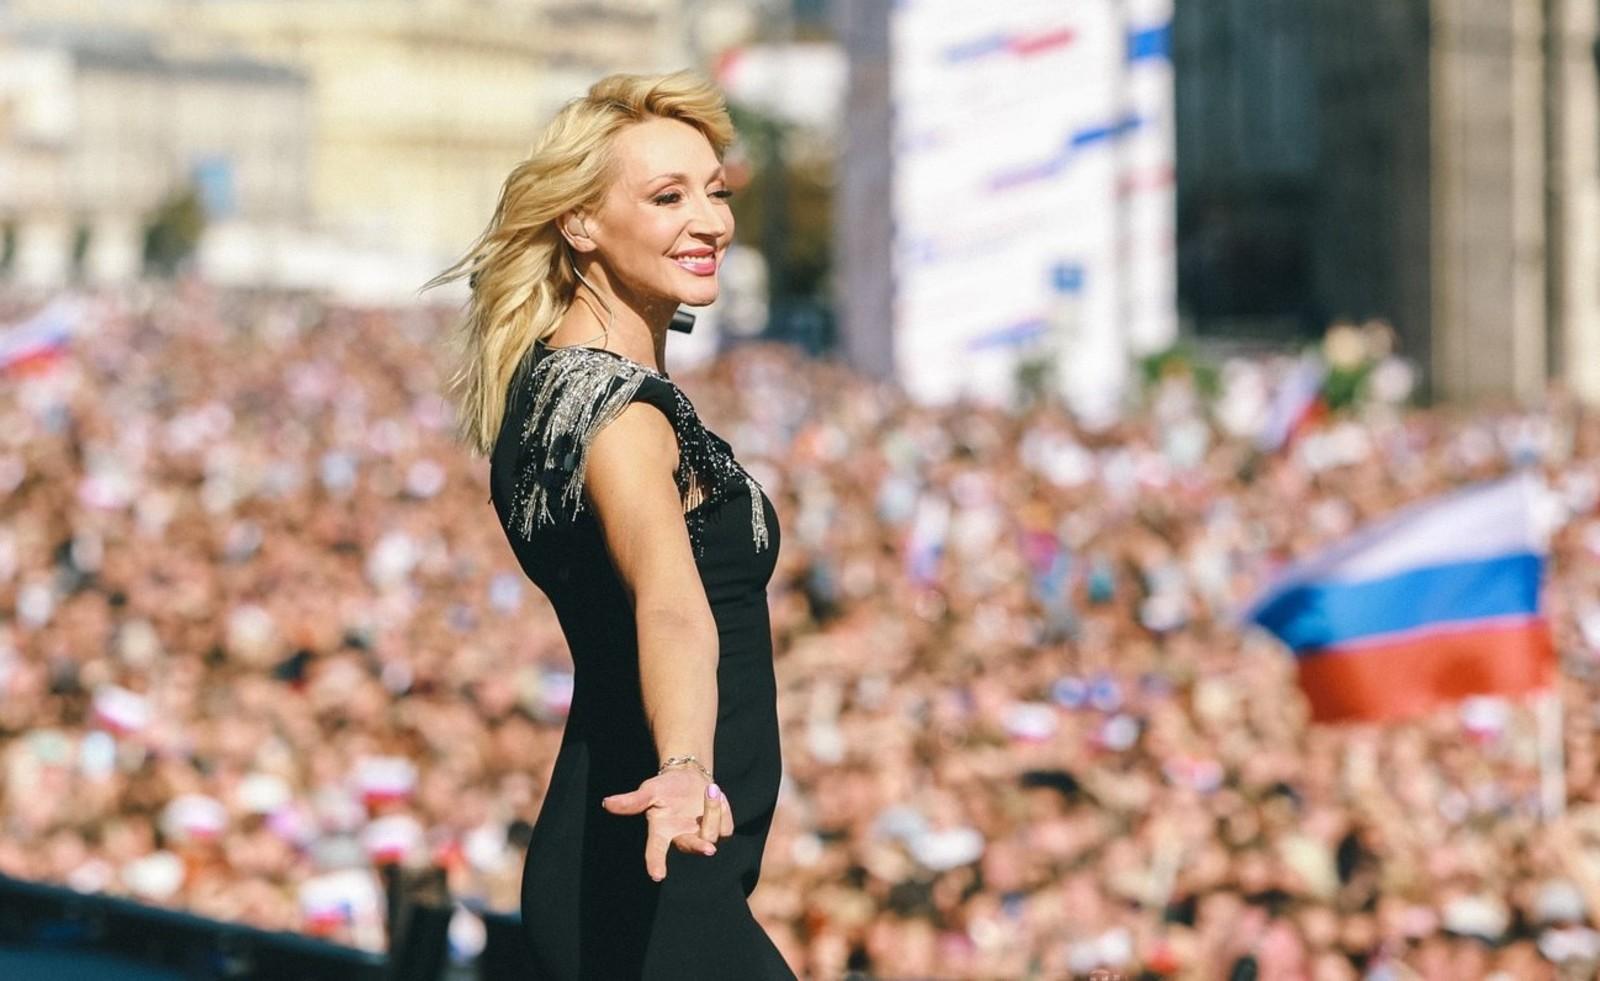 В праздничном концерте приняла участие певица Кристина Орбакайте и другие артисты / официальный портал мэра Москвы